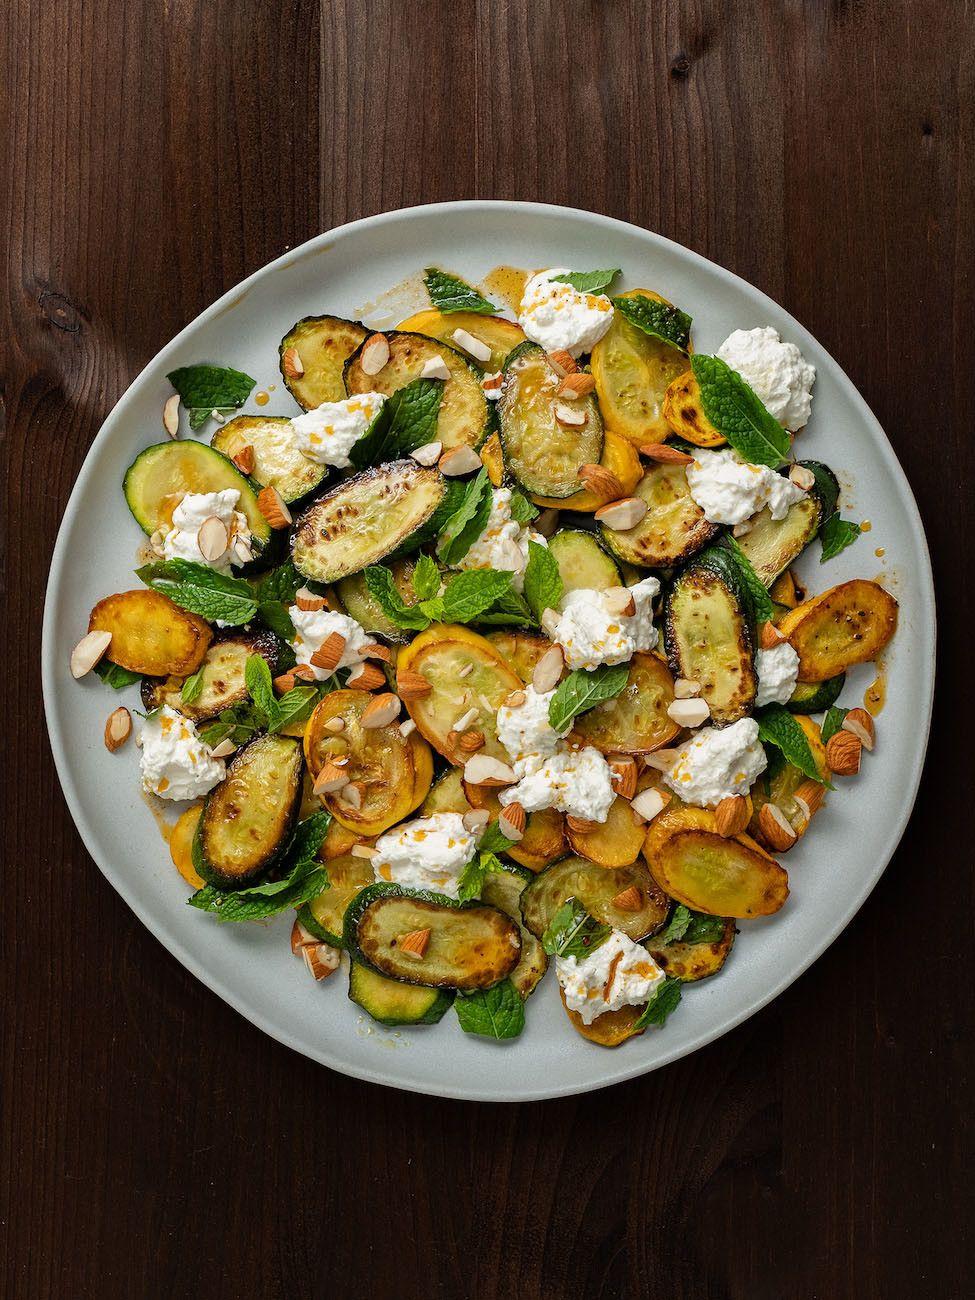 Zucchinisalat mit Ricotta, Mandeln und Minze, Zitronensaft, Olivenöl